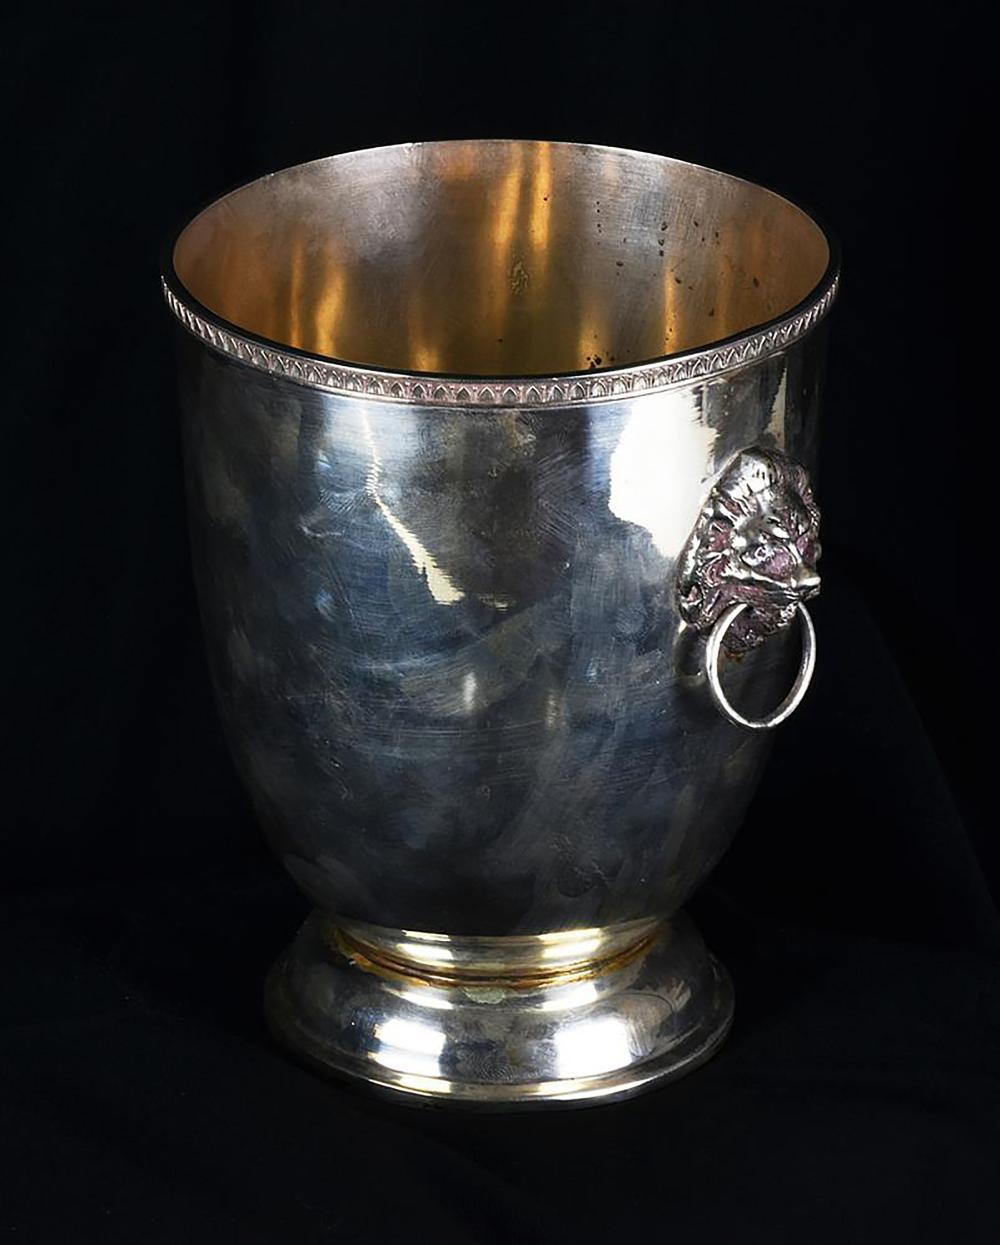 Porte Per Interni Prezzi Foggia secchiello portaghiaccio in argento manici a foggia di testa leonina h cm  15,5 - diam cm 12,5 gr 498